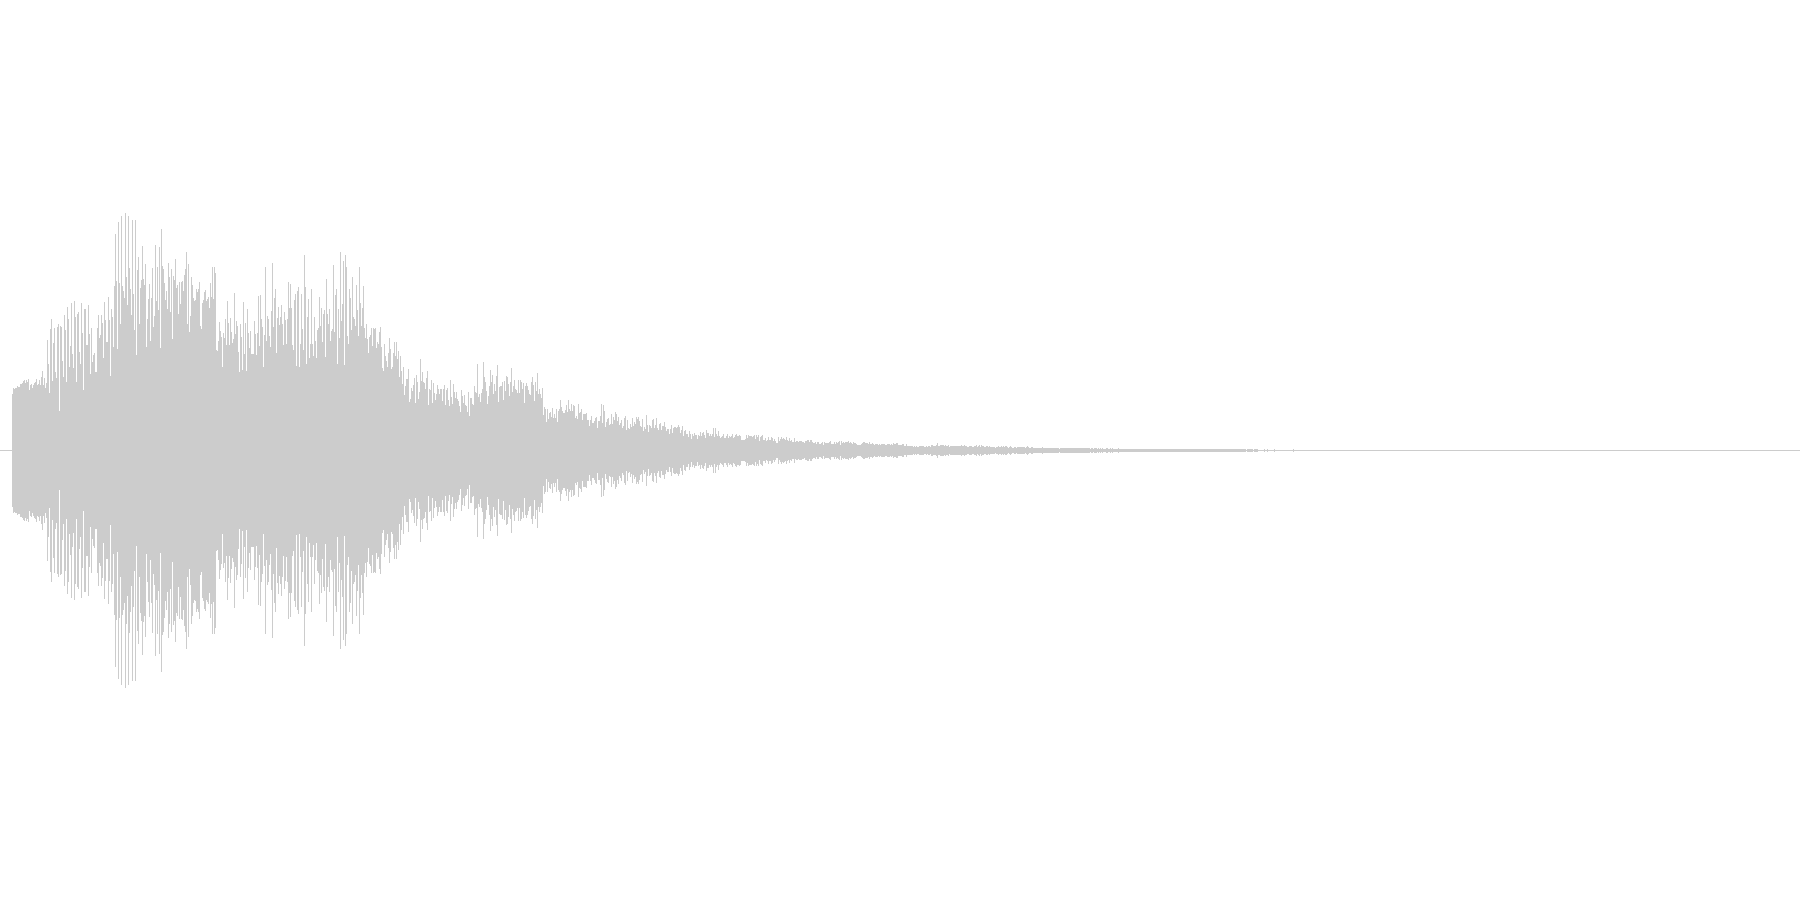 回復やアイテム発見をイメージした効果音の未再生の波形